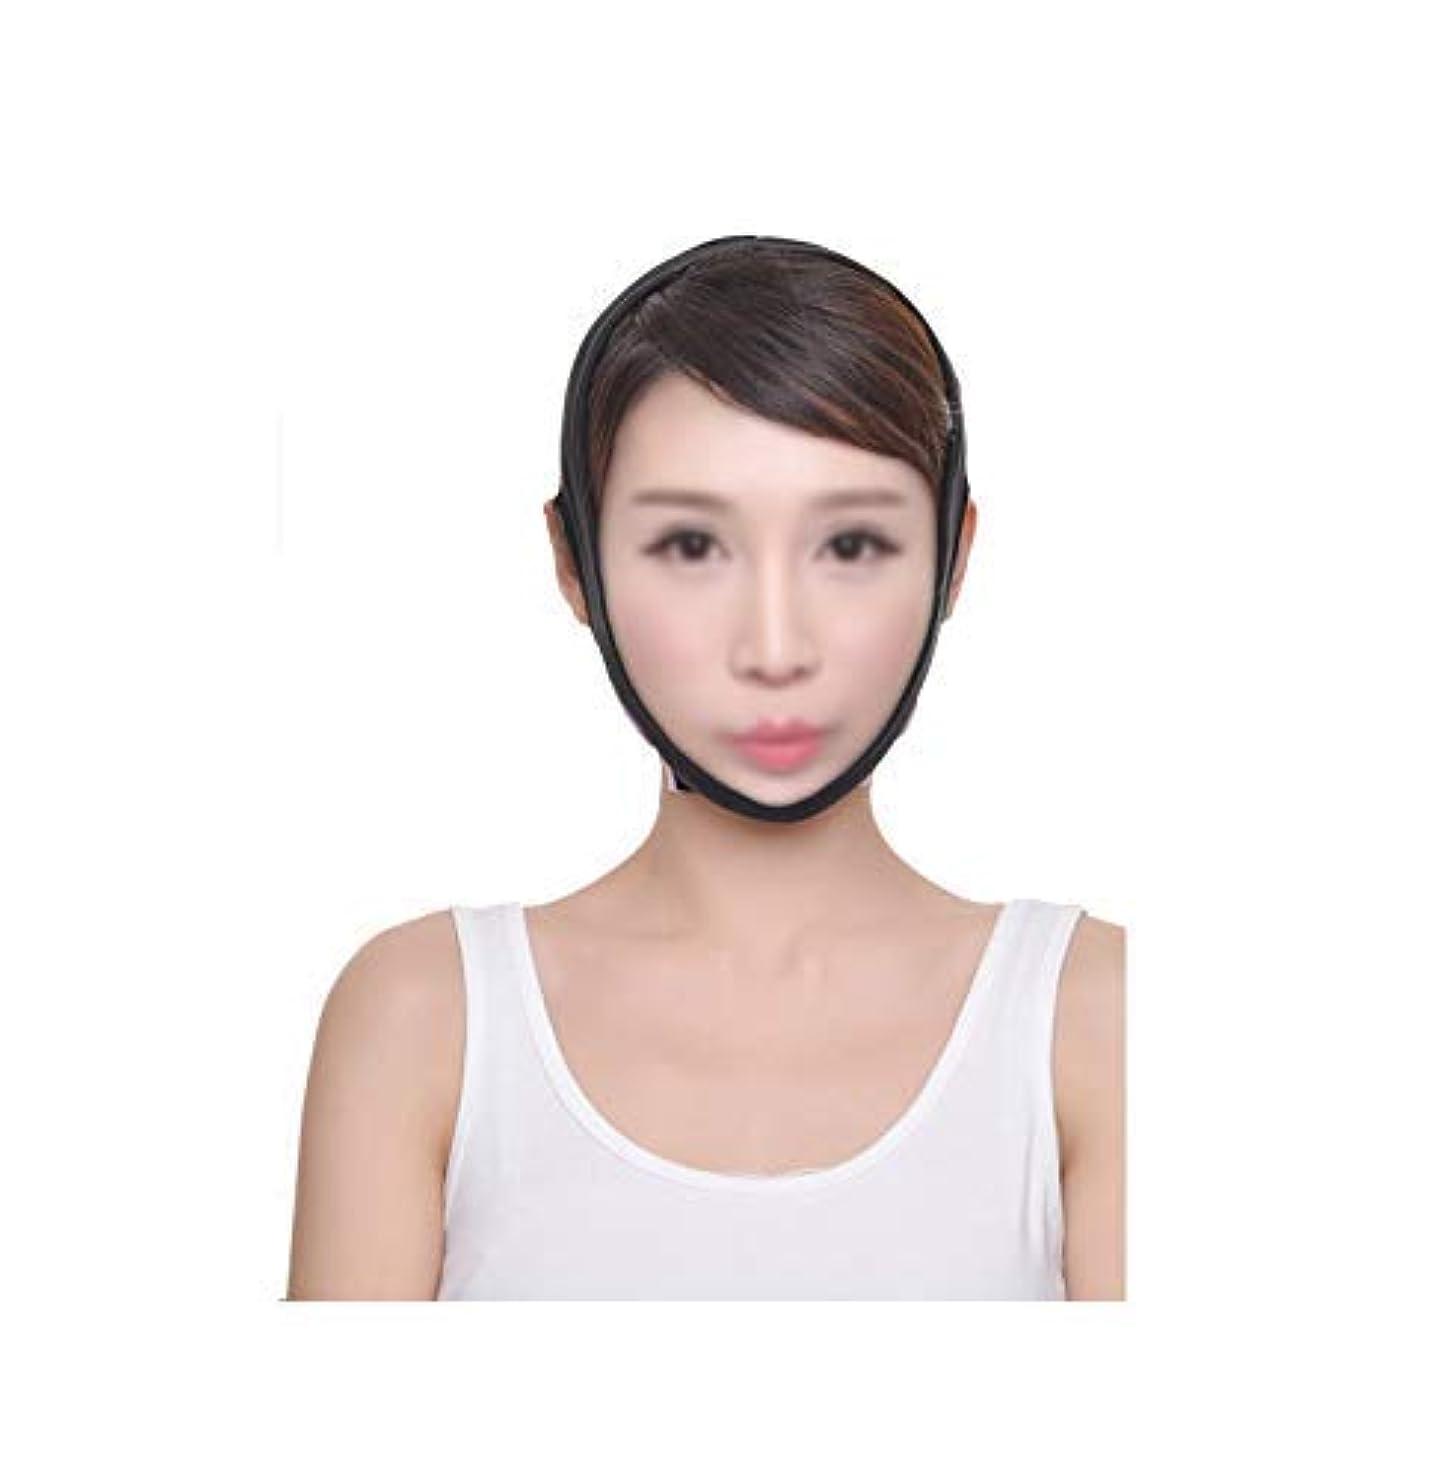 ウィンク単語特異なファーミングフェイスマスク、フェイスリフティングアーティファクト脂肪吸引術術後整形二重あご美容マスクブラックフード(サイズ:L)